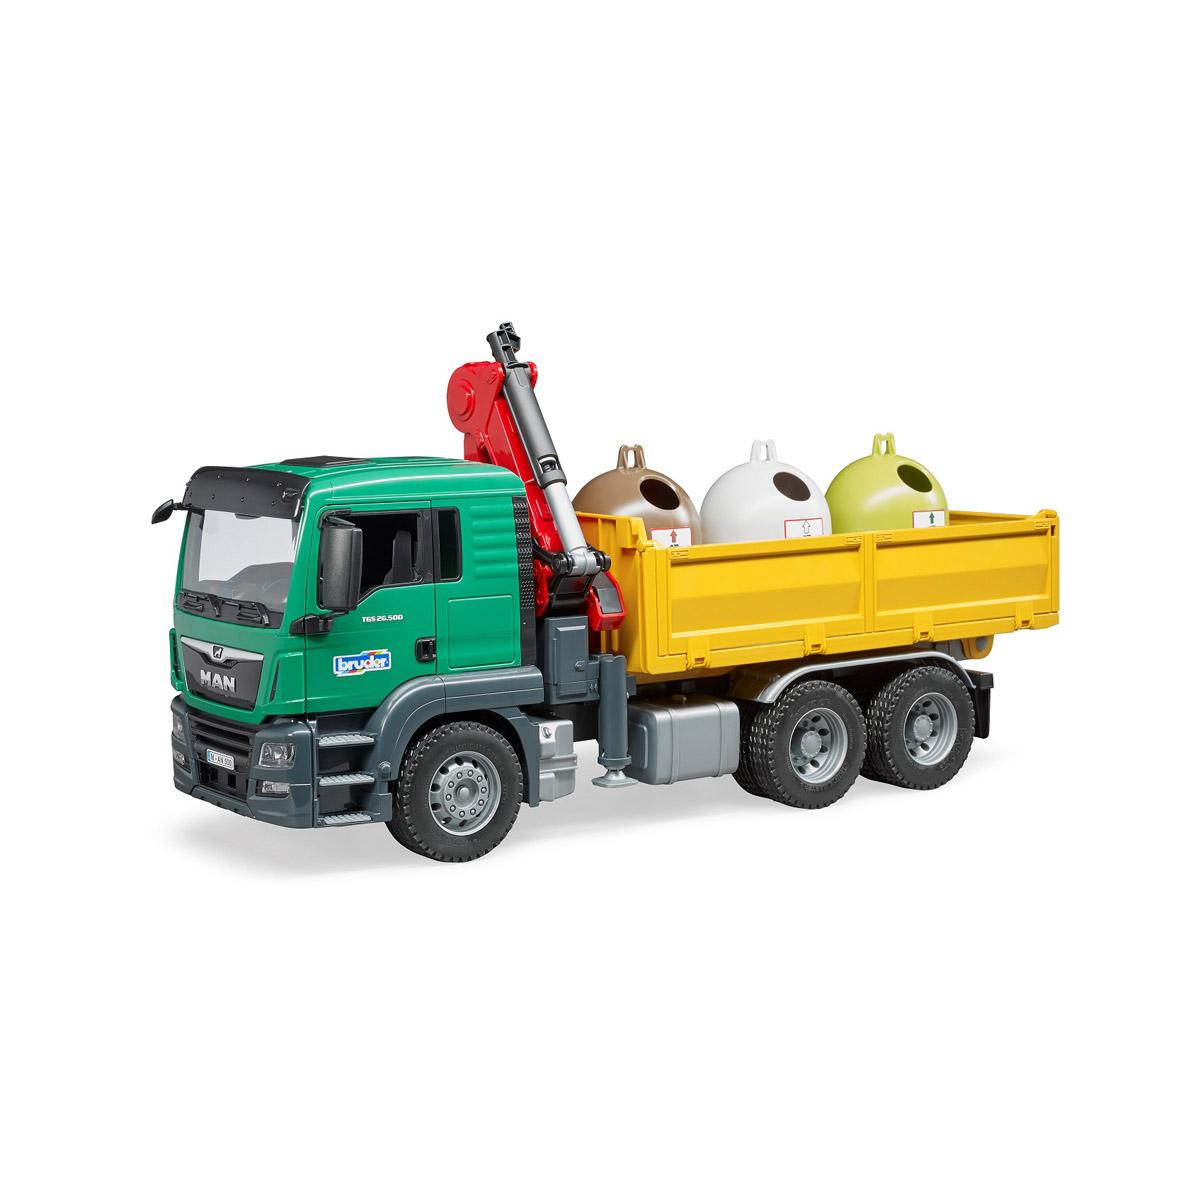 Купить 03-753, Самосвал MAN Bruder c 3 мусорными контейнерами, Мужской (shop: GulliverMarket Gulliver Market)